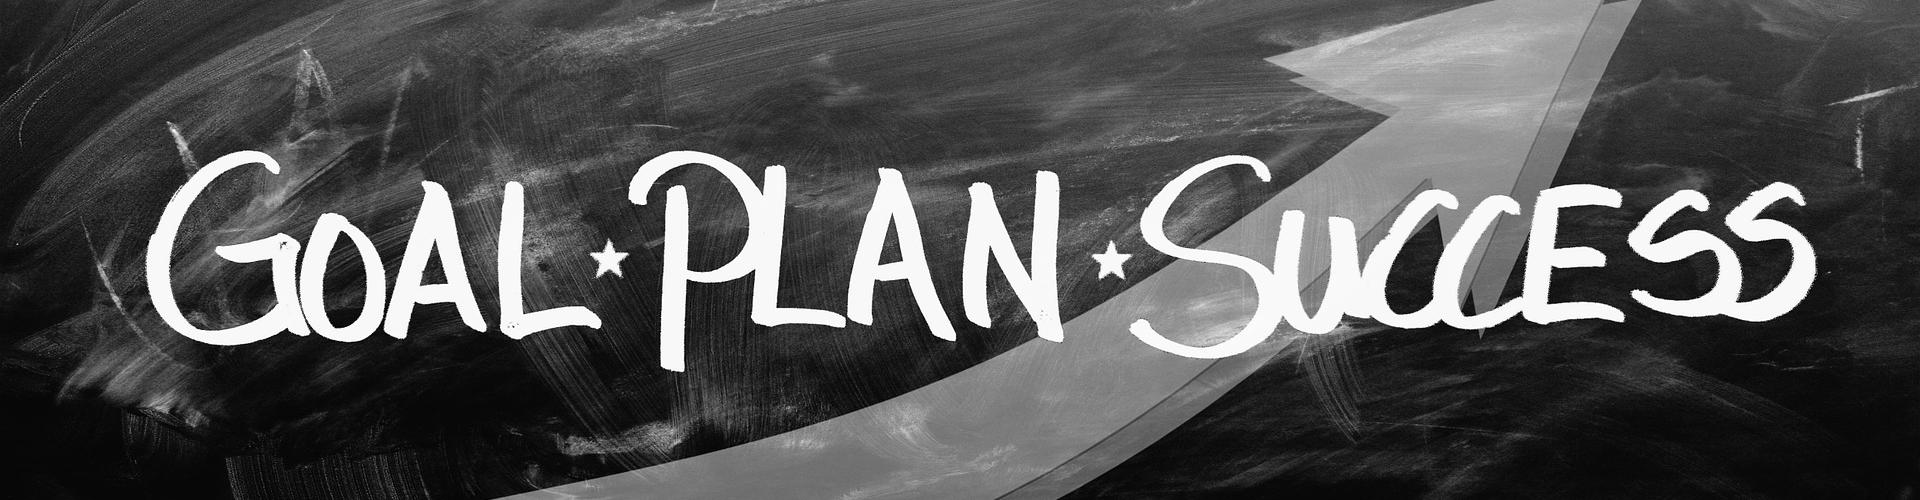 המפתח להצלחה זה תכנון נכון